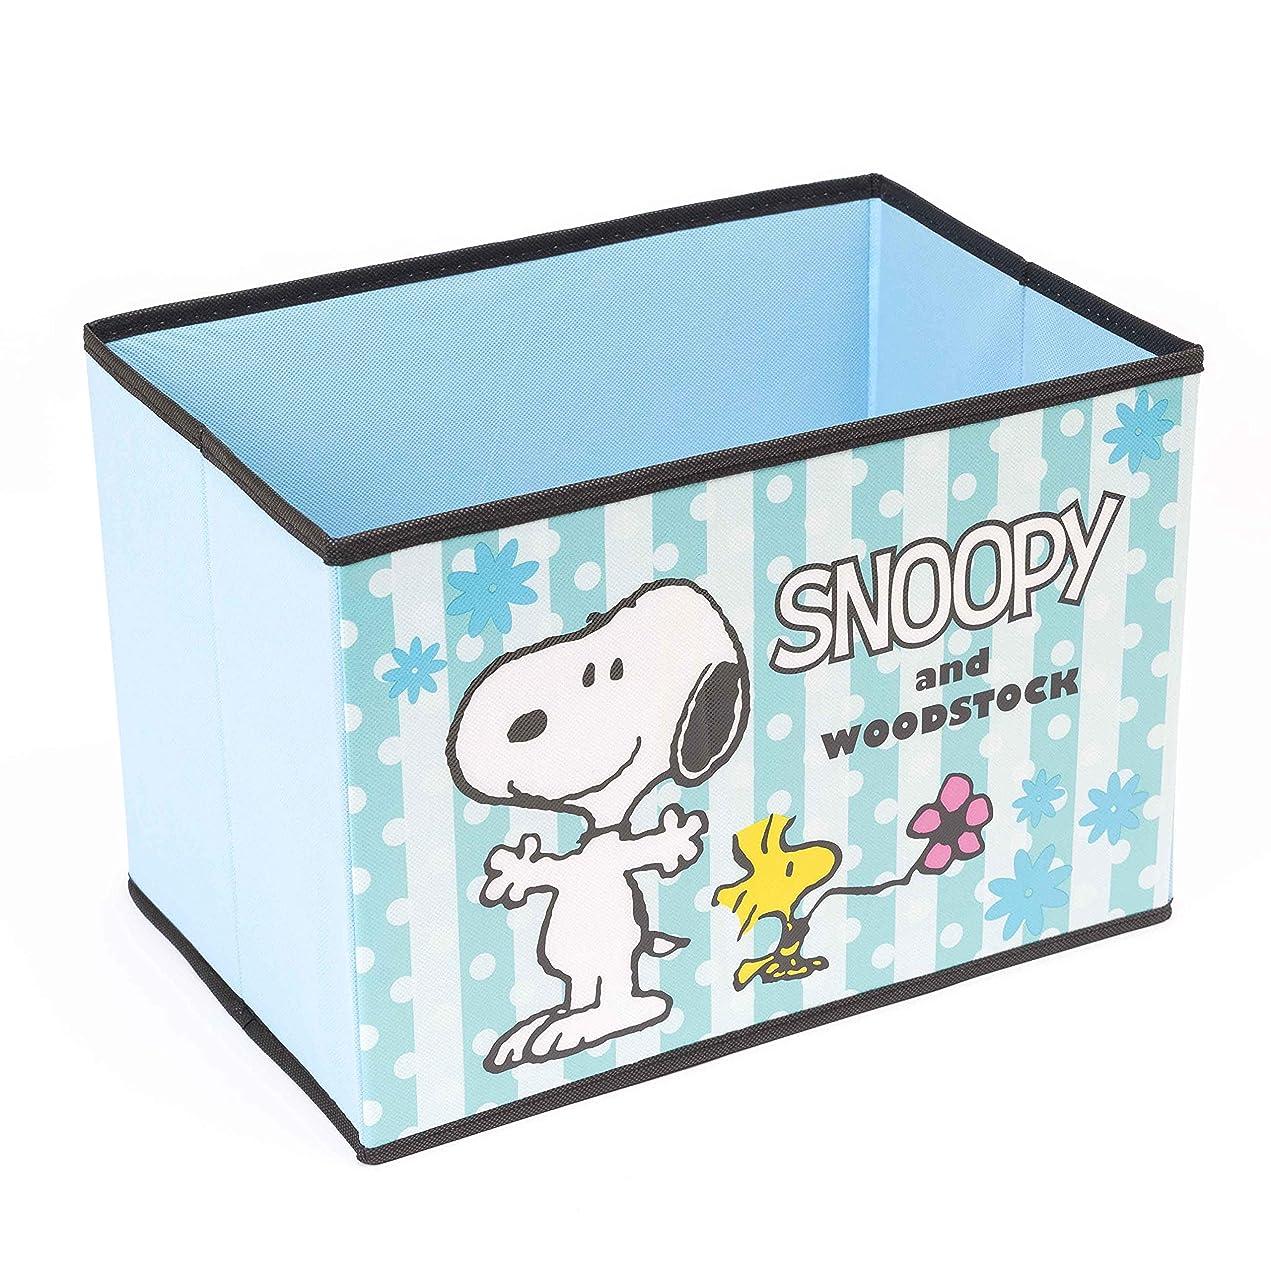 スヌーピー 収納ボックス カラーボックス 対応 サイズ フタなし 折りたたみ 収納用品 (B 1個)